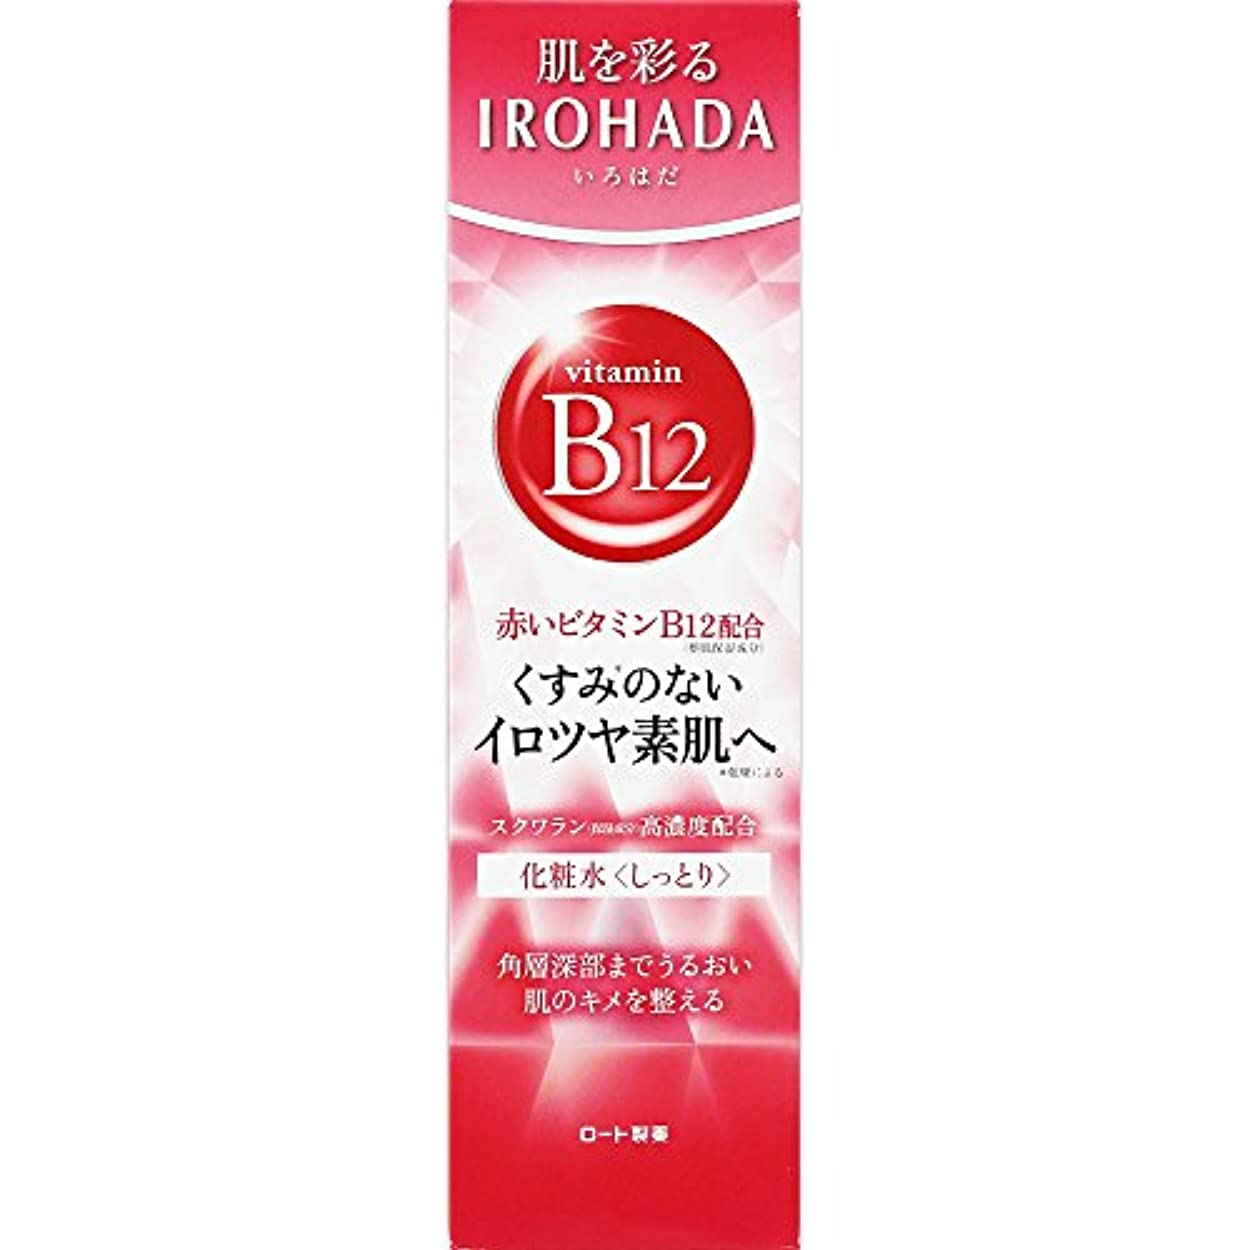 ソケット物理的な交響曲ロート製薬 いろはだ (IROHADA) 赤いビタミンB12×スクワラン配合 化粧水しっとり 160ml